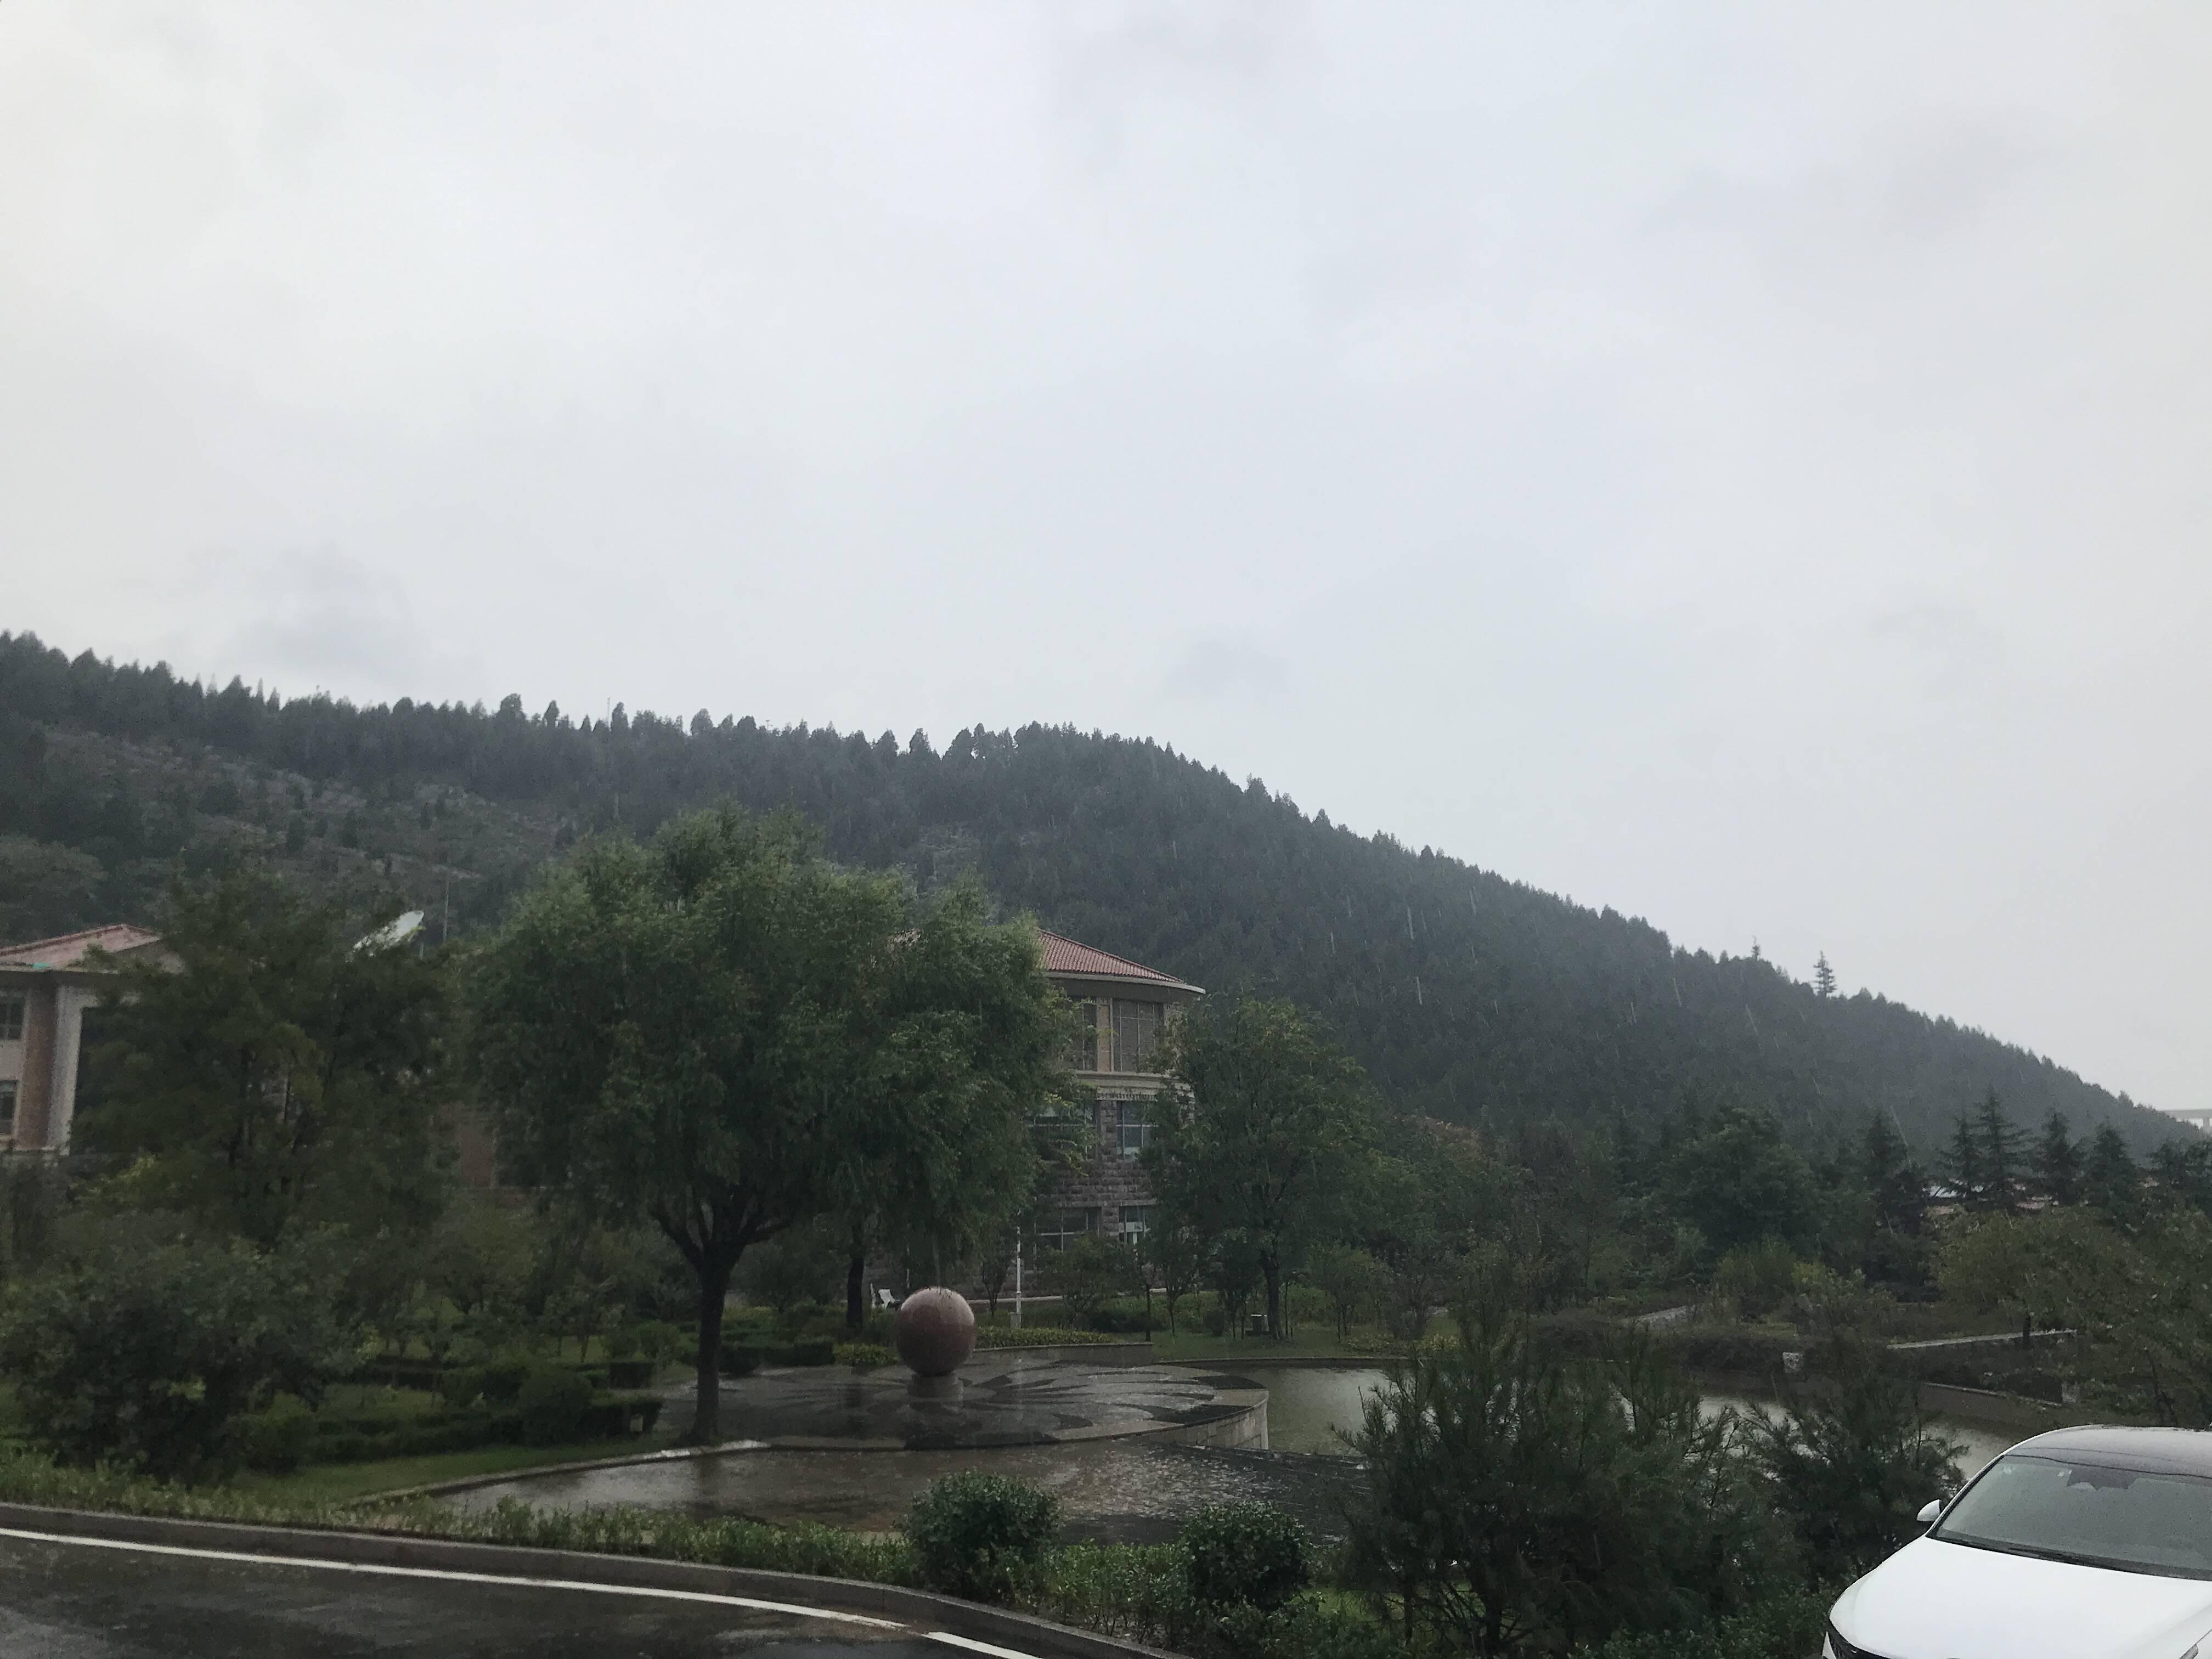 菏泽和聊城局部已降暴雨!今天到明天鲁西北和鲁中北部大到暴雨部分地区大暴雨